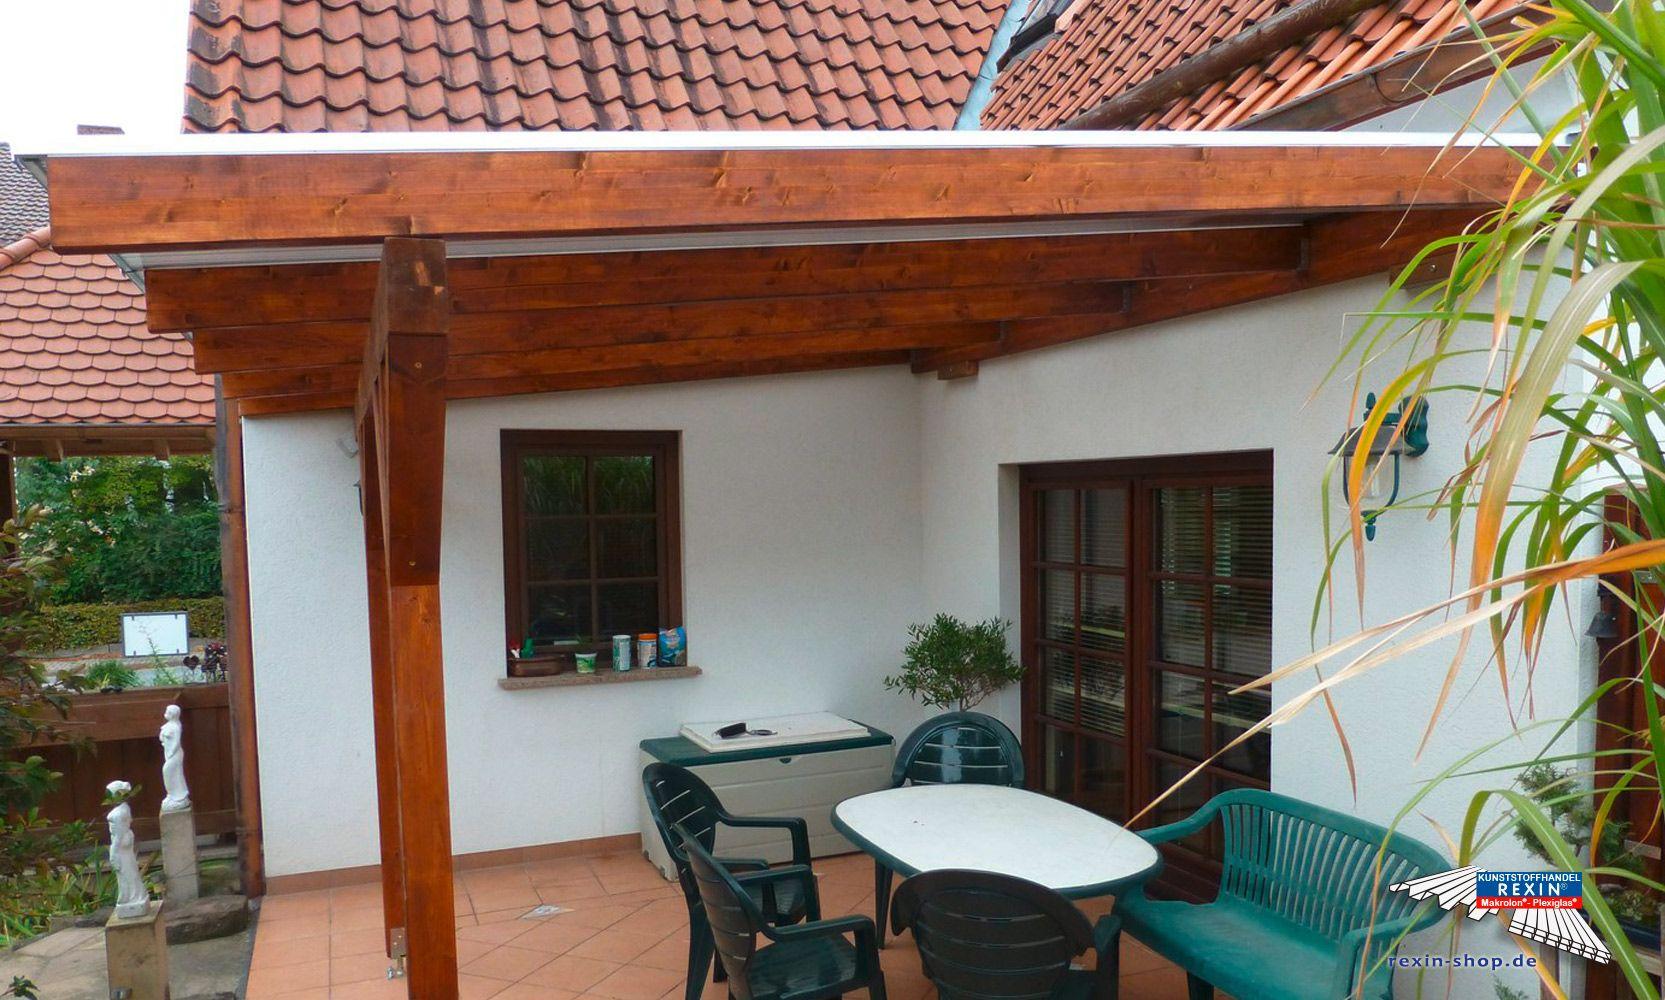 Ein Holz Terrassendach Der Marke Rexocomplete 4m X 3 5m Mit Stegplatten In Bronze Als Farbe Fur Die Holzsch Terrassendach Terrassen Dach Uberdachung Terrasse